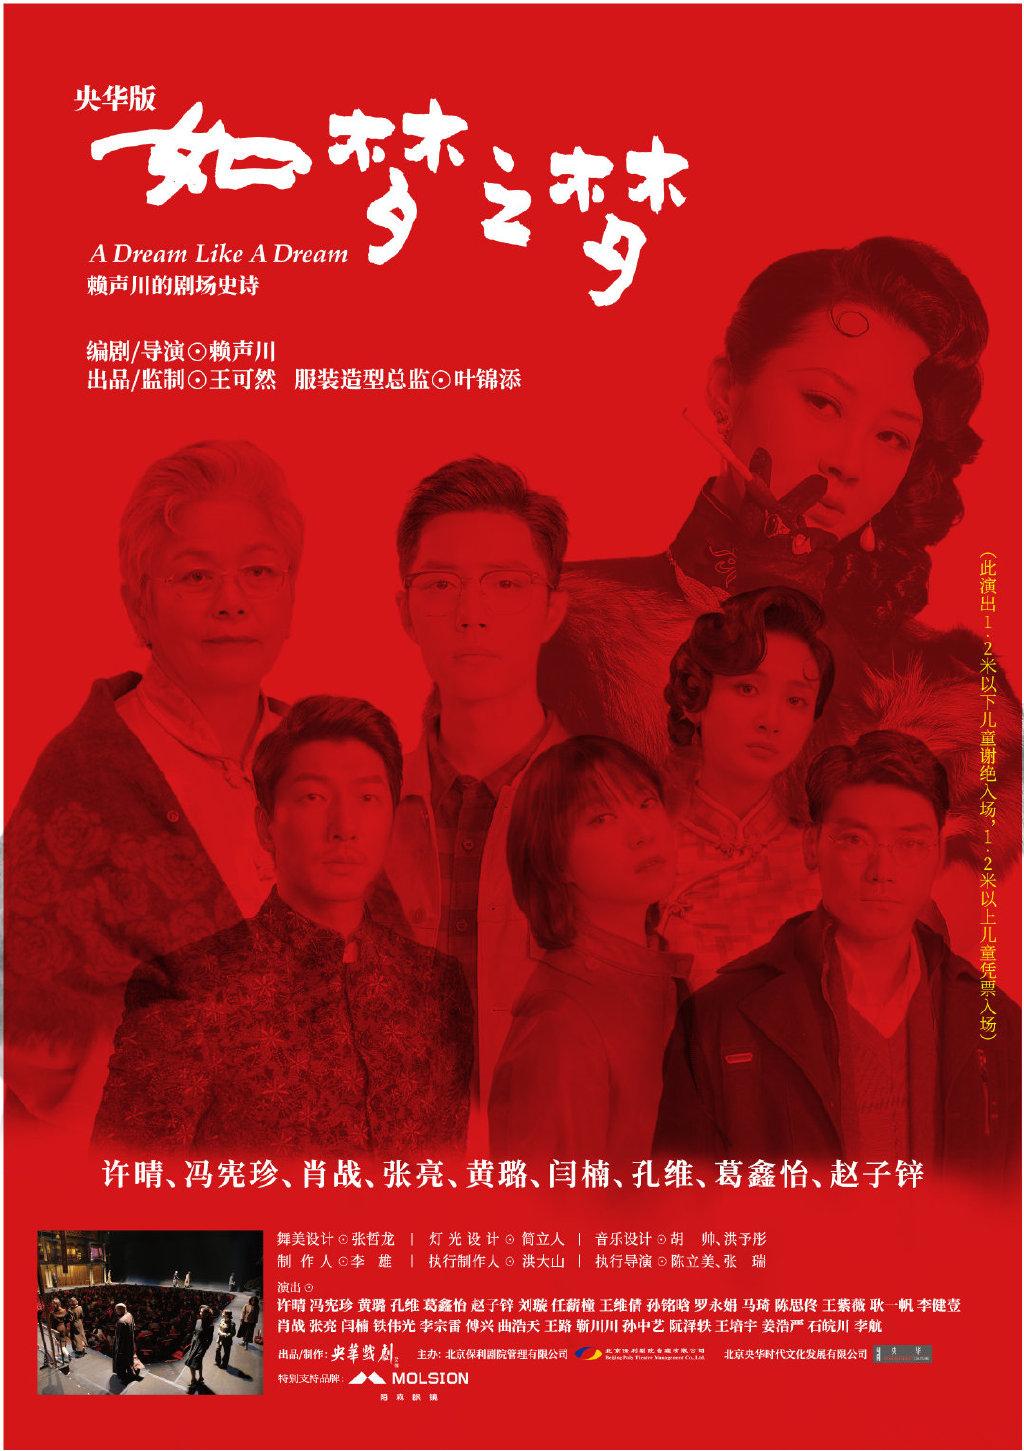 2021话剧《如梦之梦》杭州站